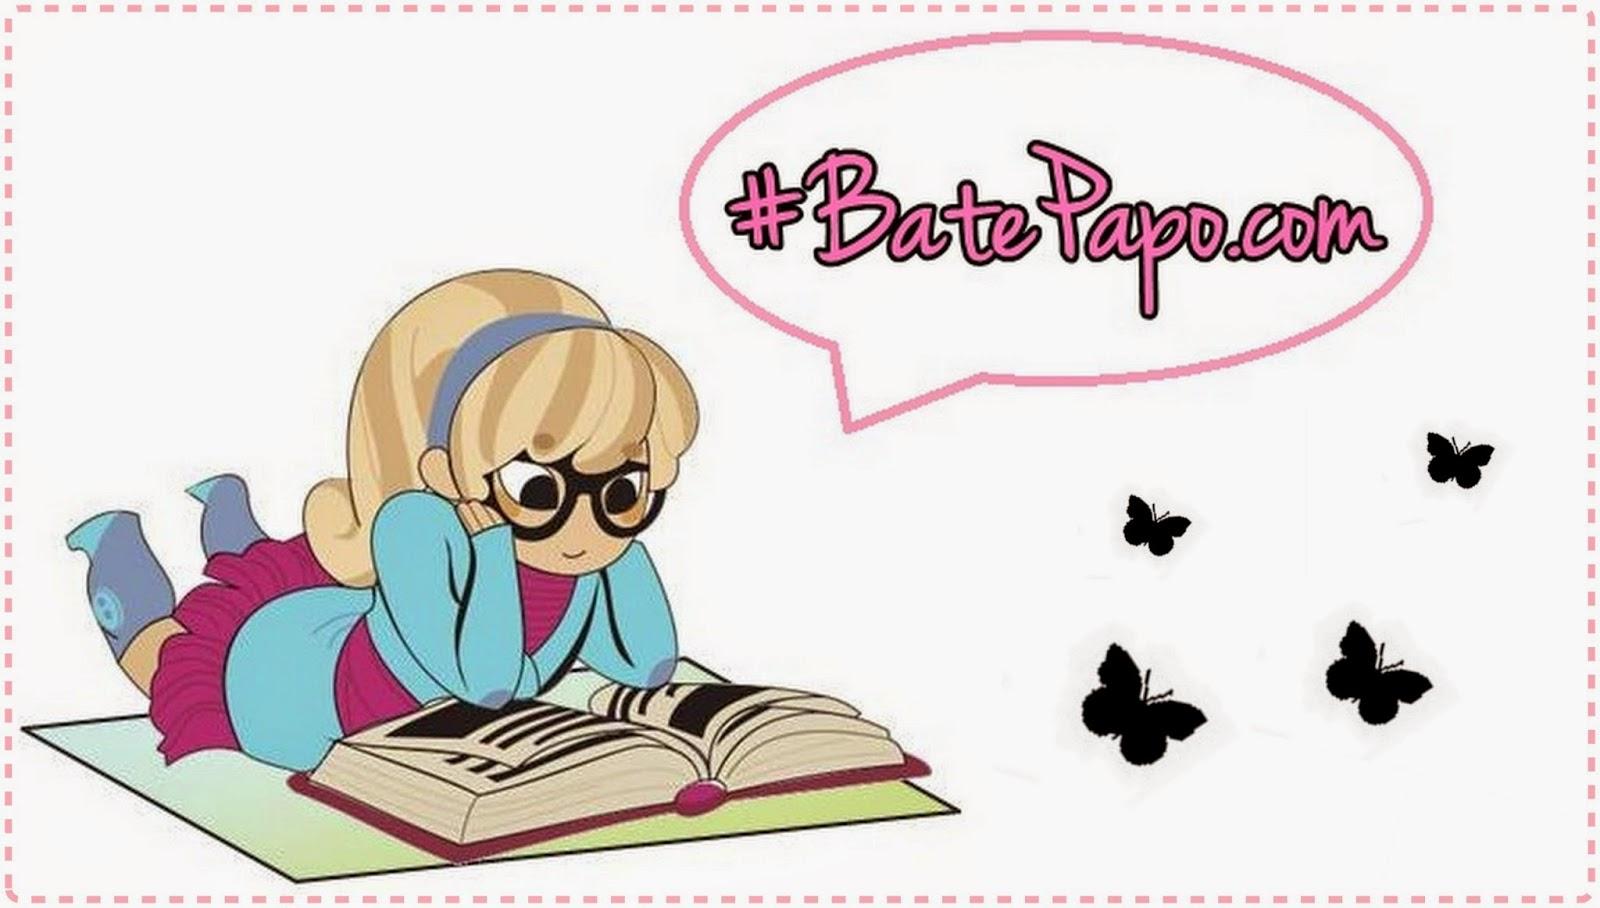 #Batepapo.com - Babi Barreto #2